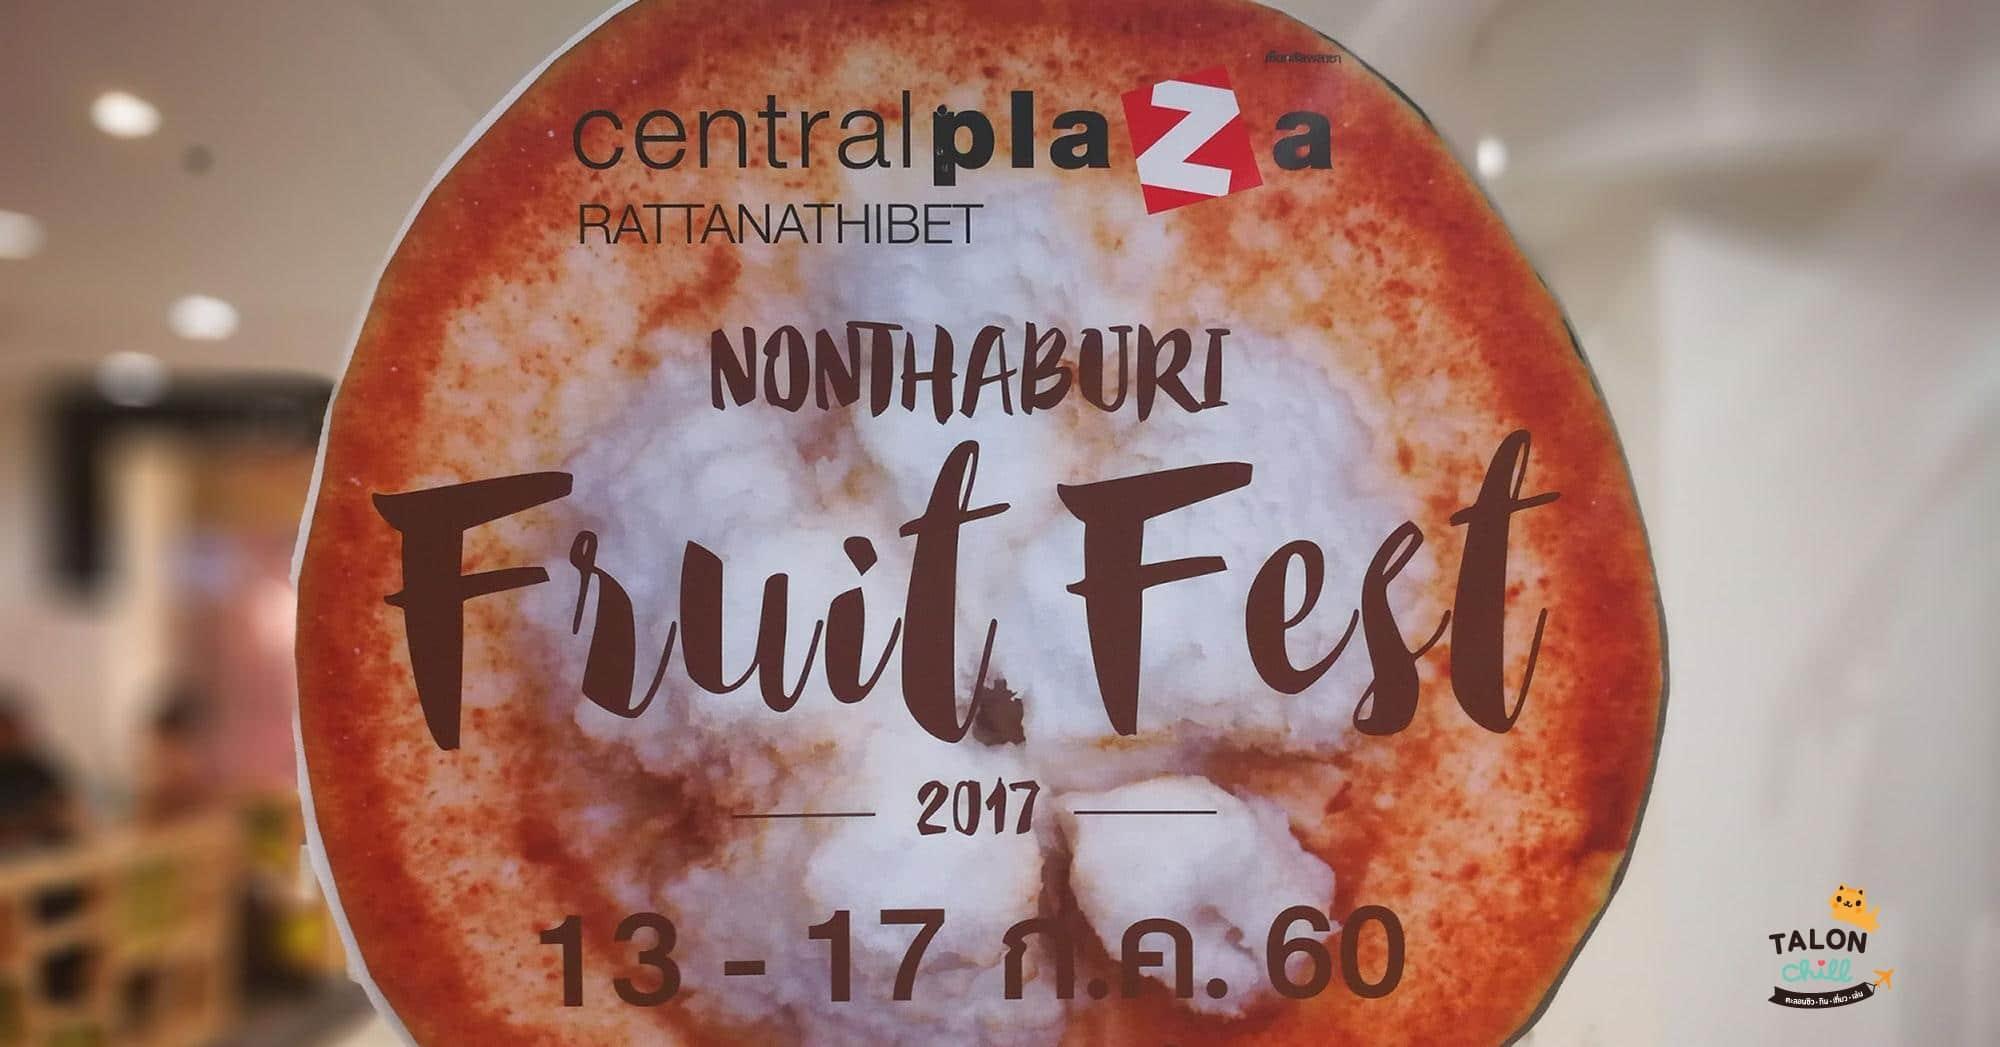 facebook Linked Image   Nonthaburi Fruit Fest 2017 centralplaza rattanathibet 19